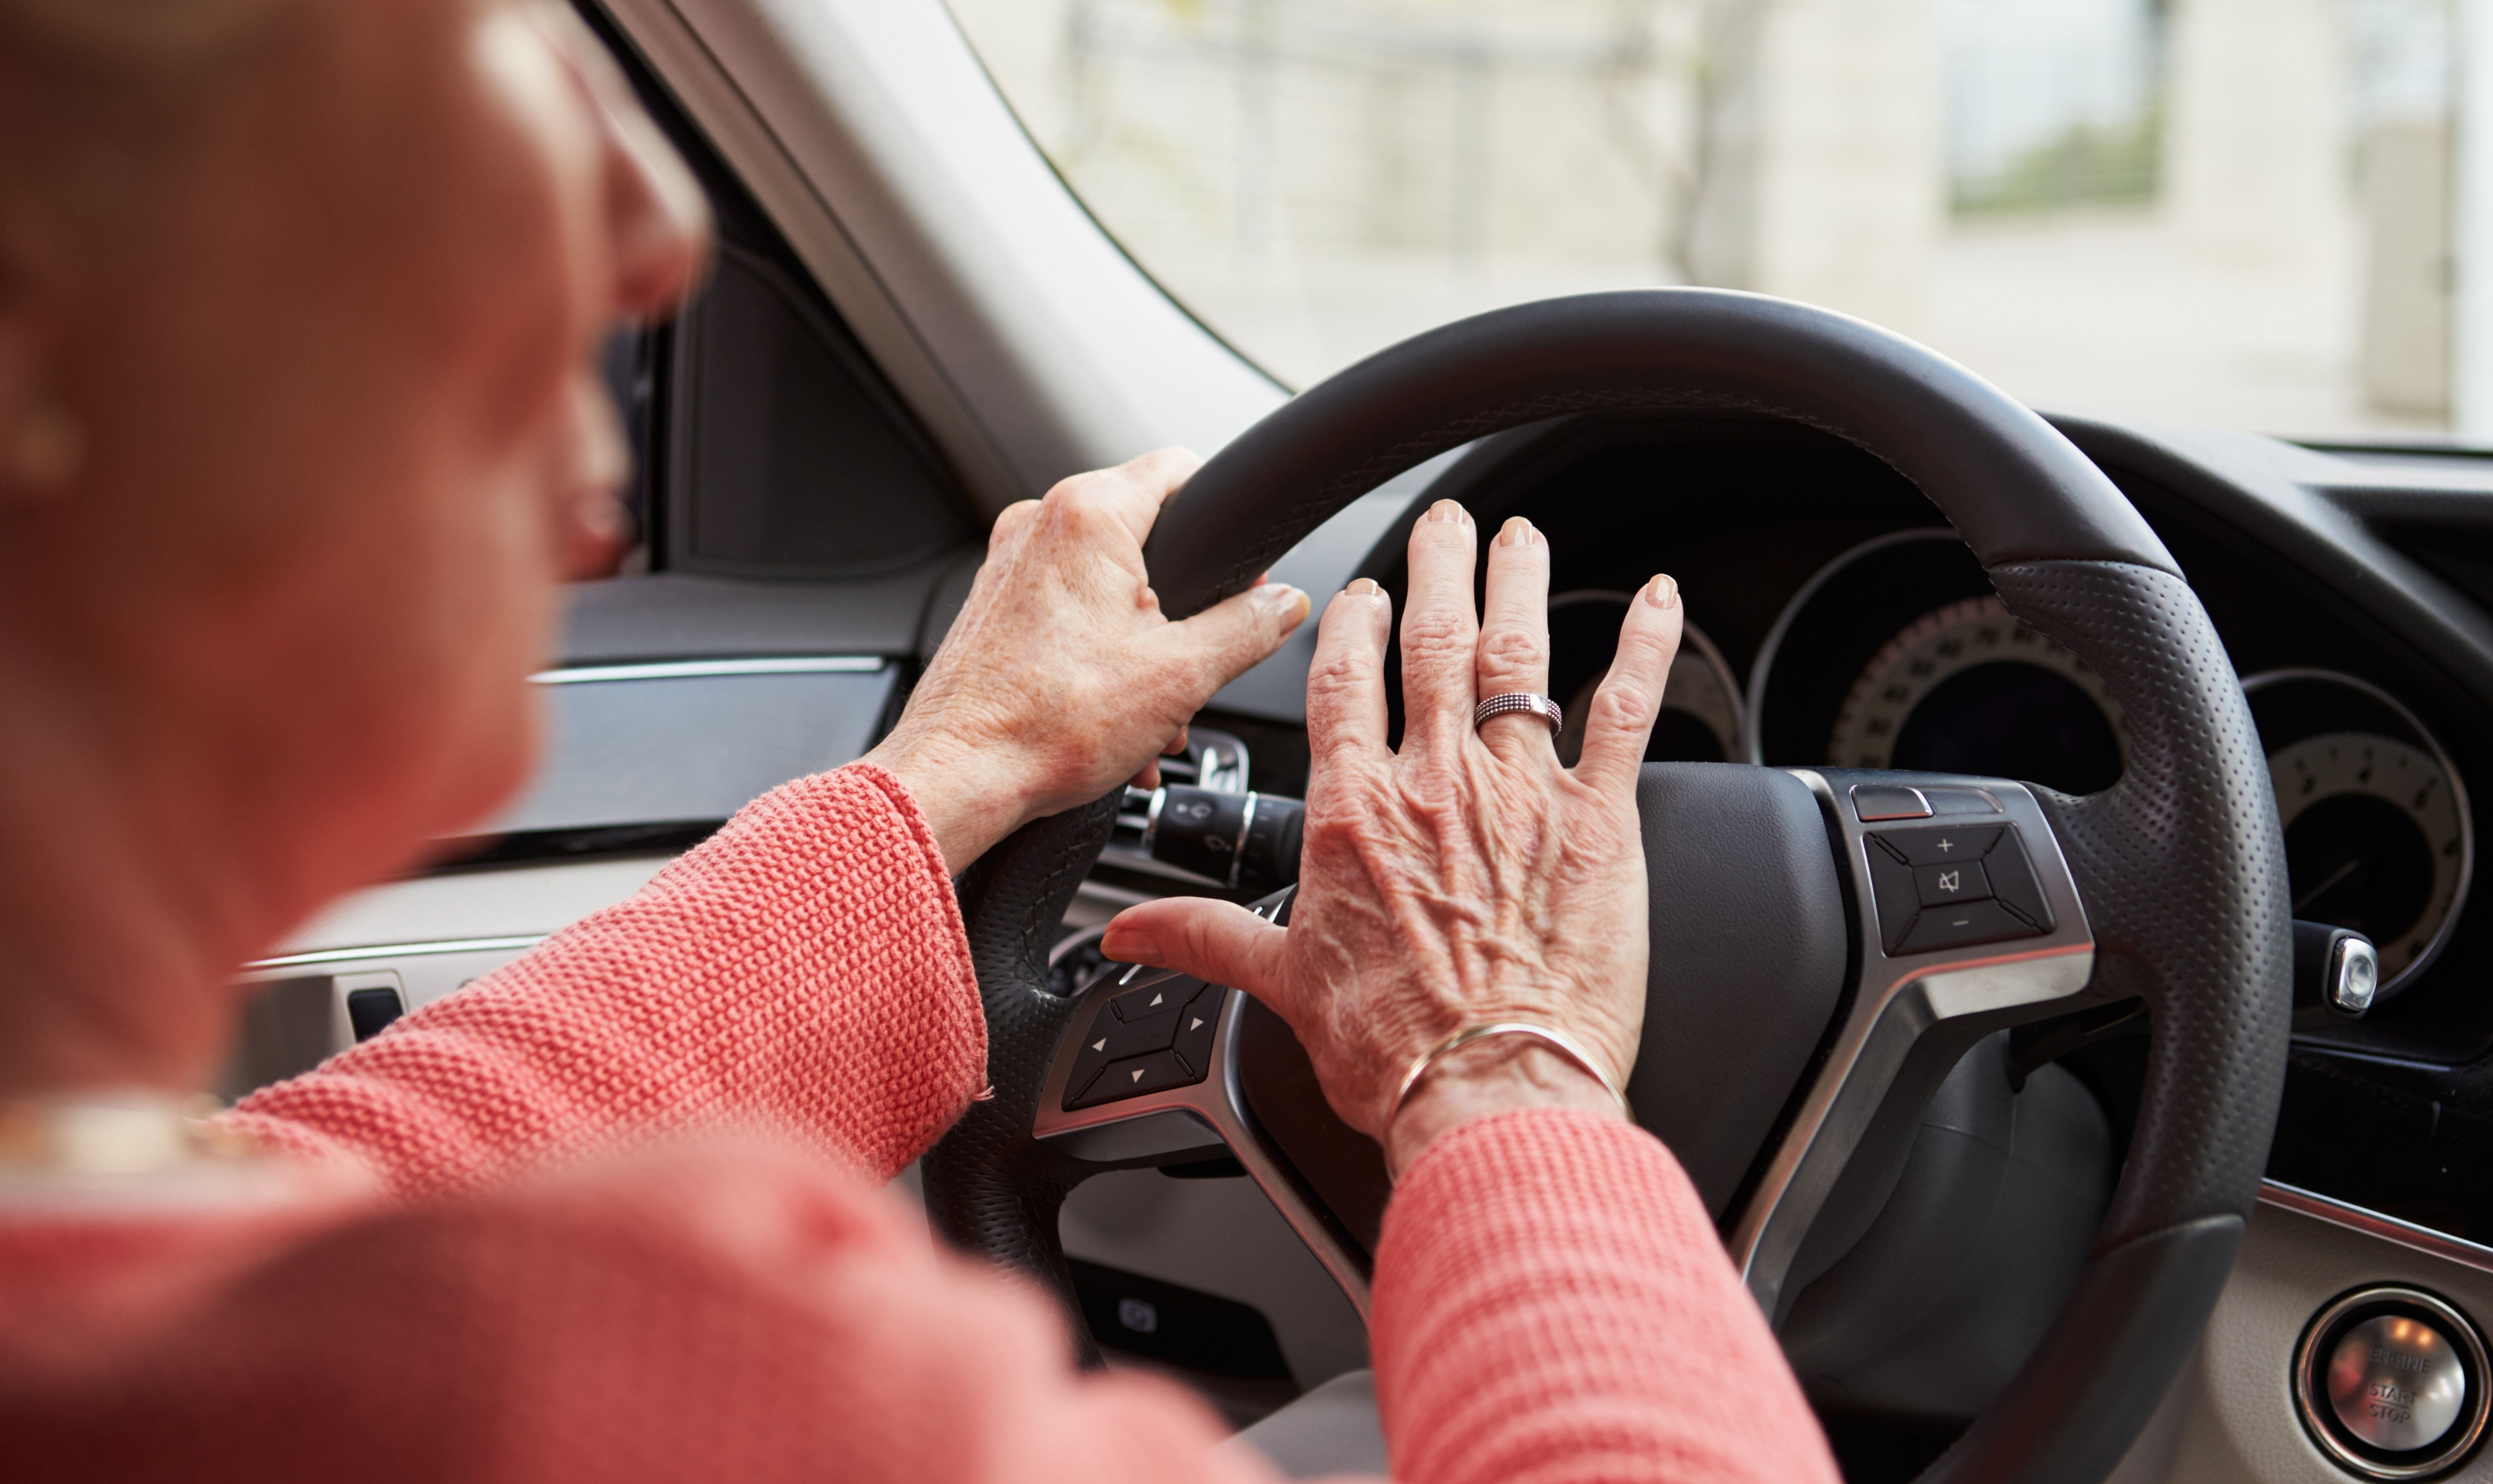 כל הסיבות למה נהגים מעל גיל 55 צריכים כפתור הצלה ברכב דווקא עכשיו